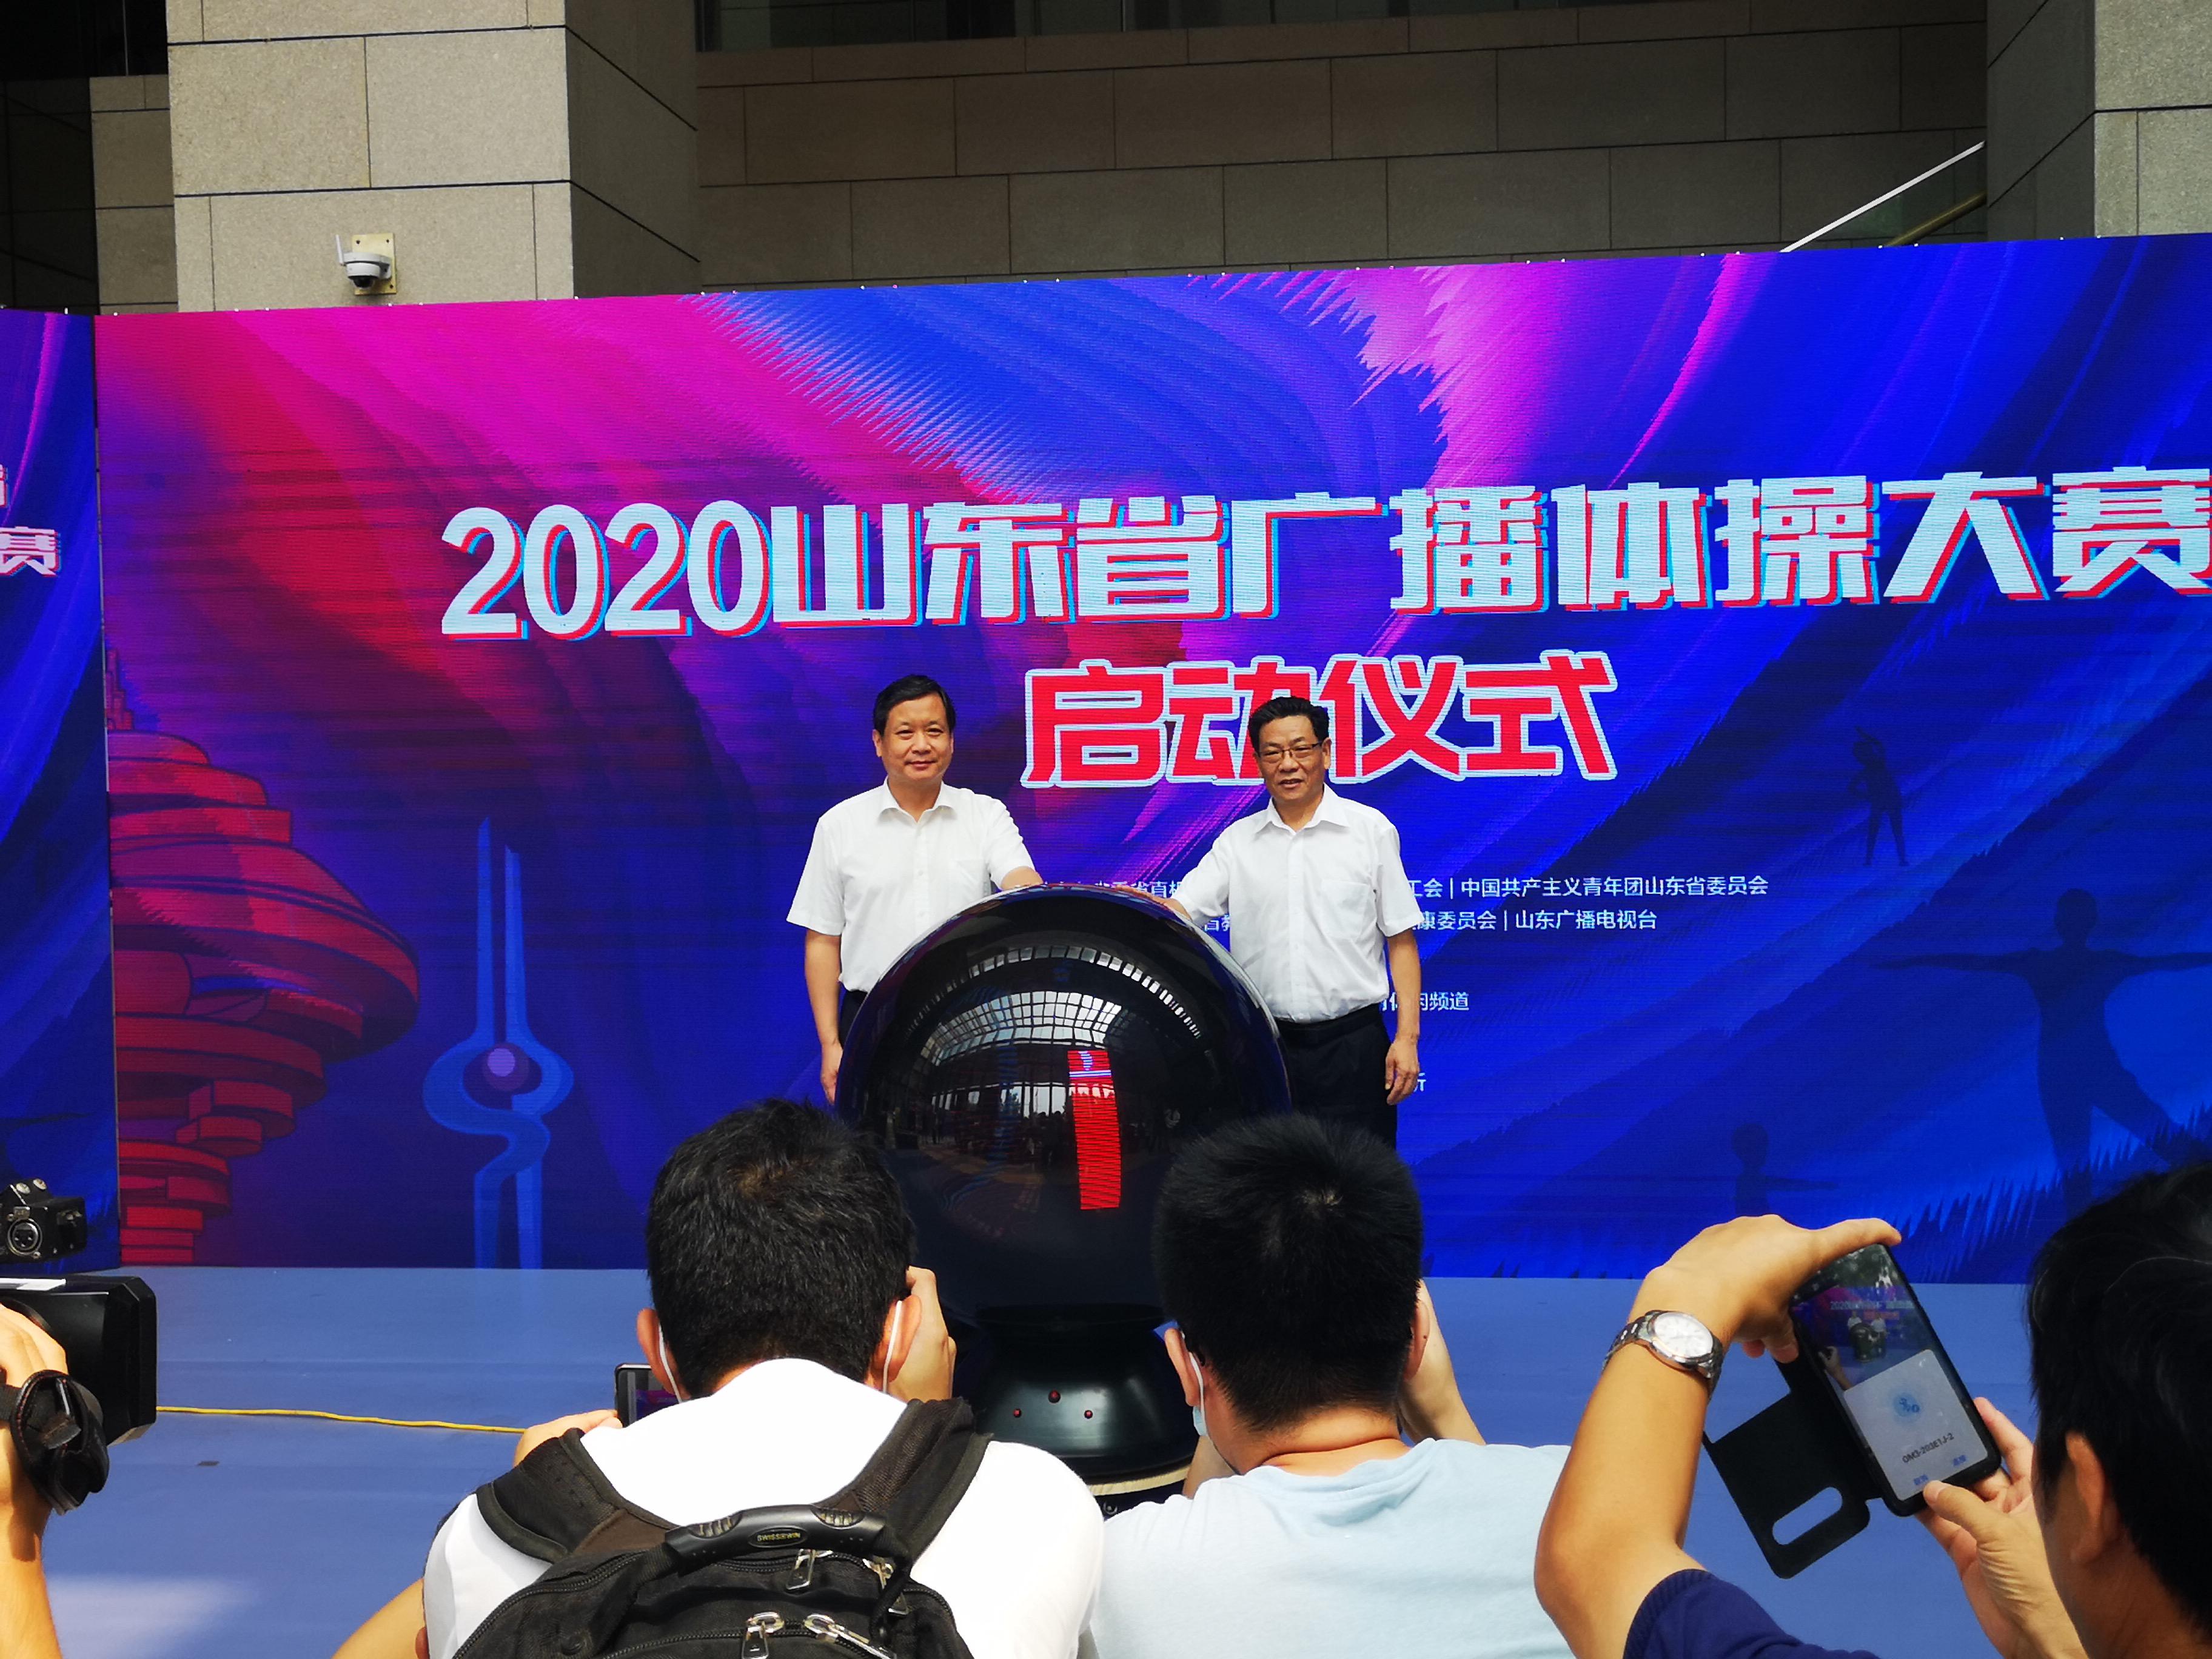 2020年山东省广播体操大赛正式启动